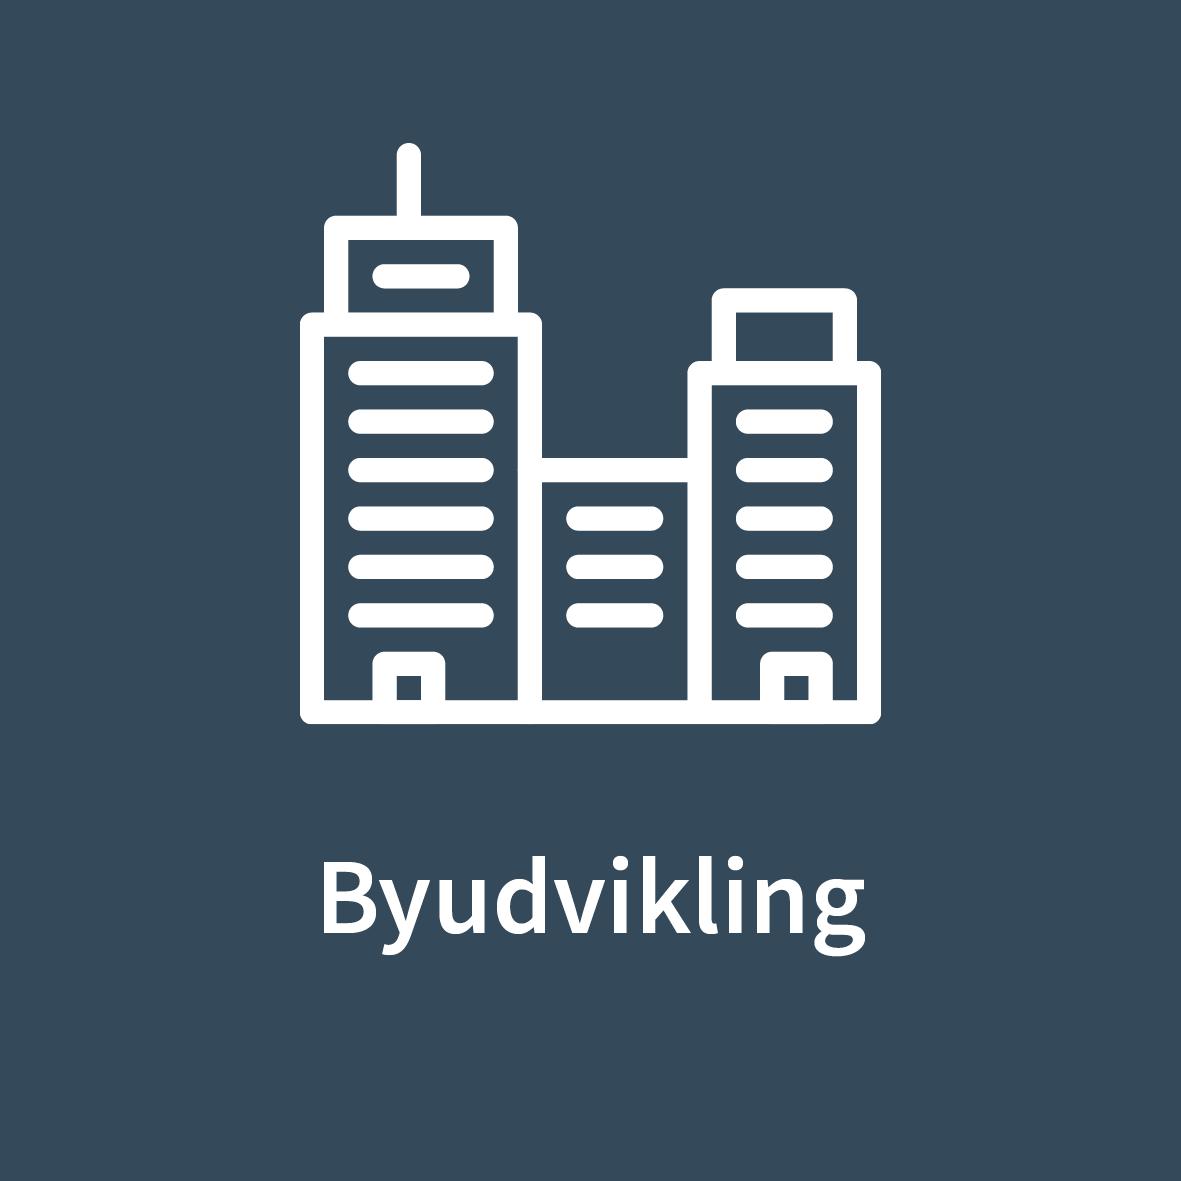 Byudvikling.png